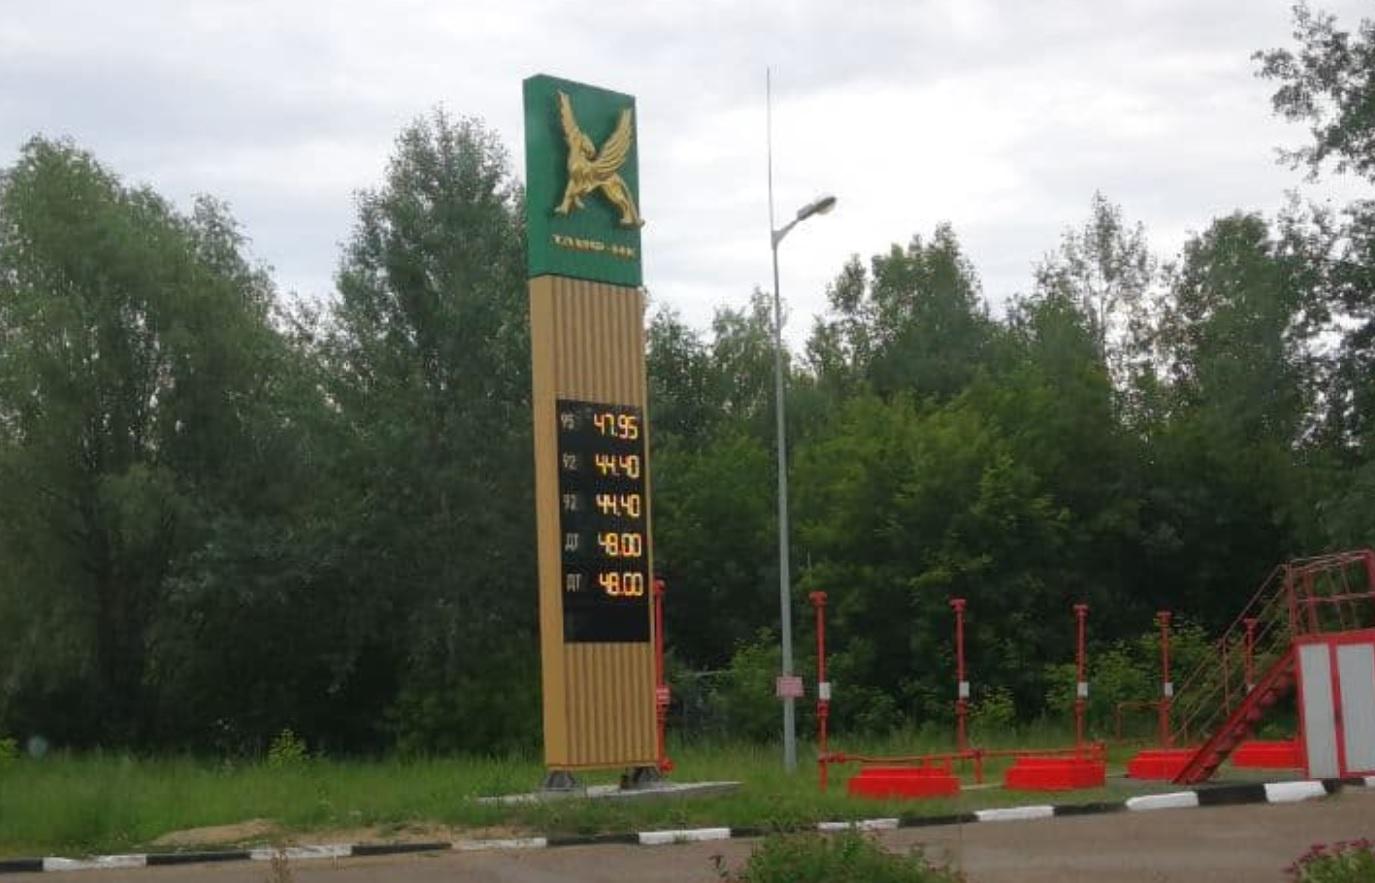 Почему в Мордовии и Татарстане нет 98 бензина? Интересно